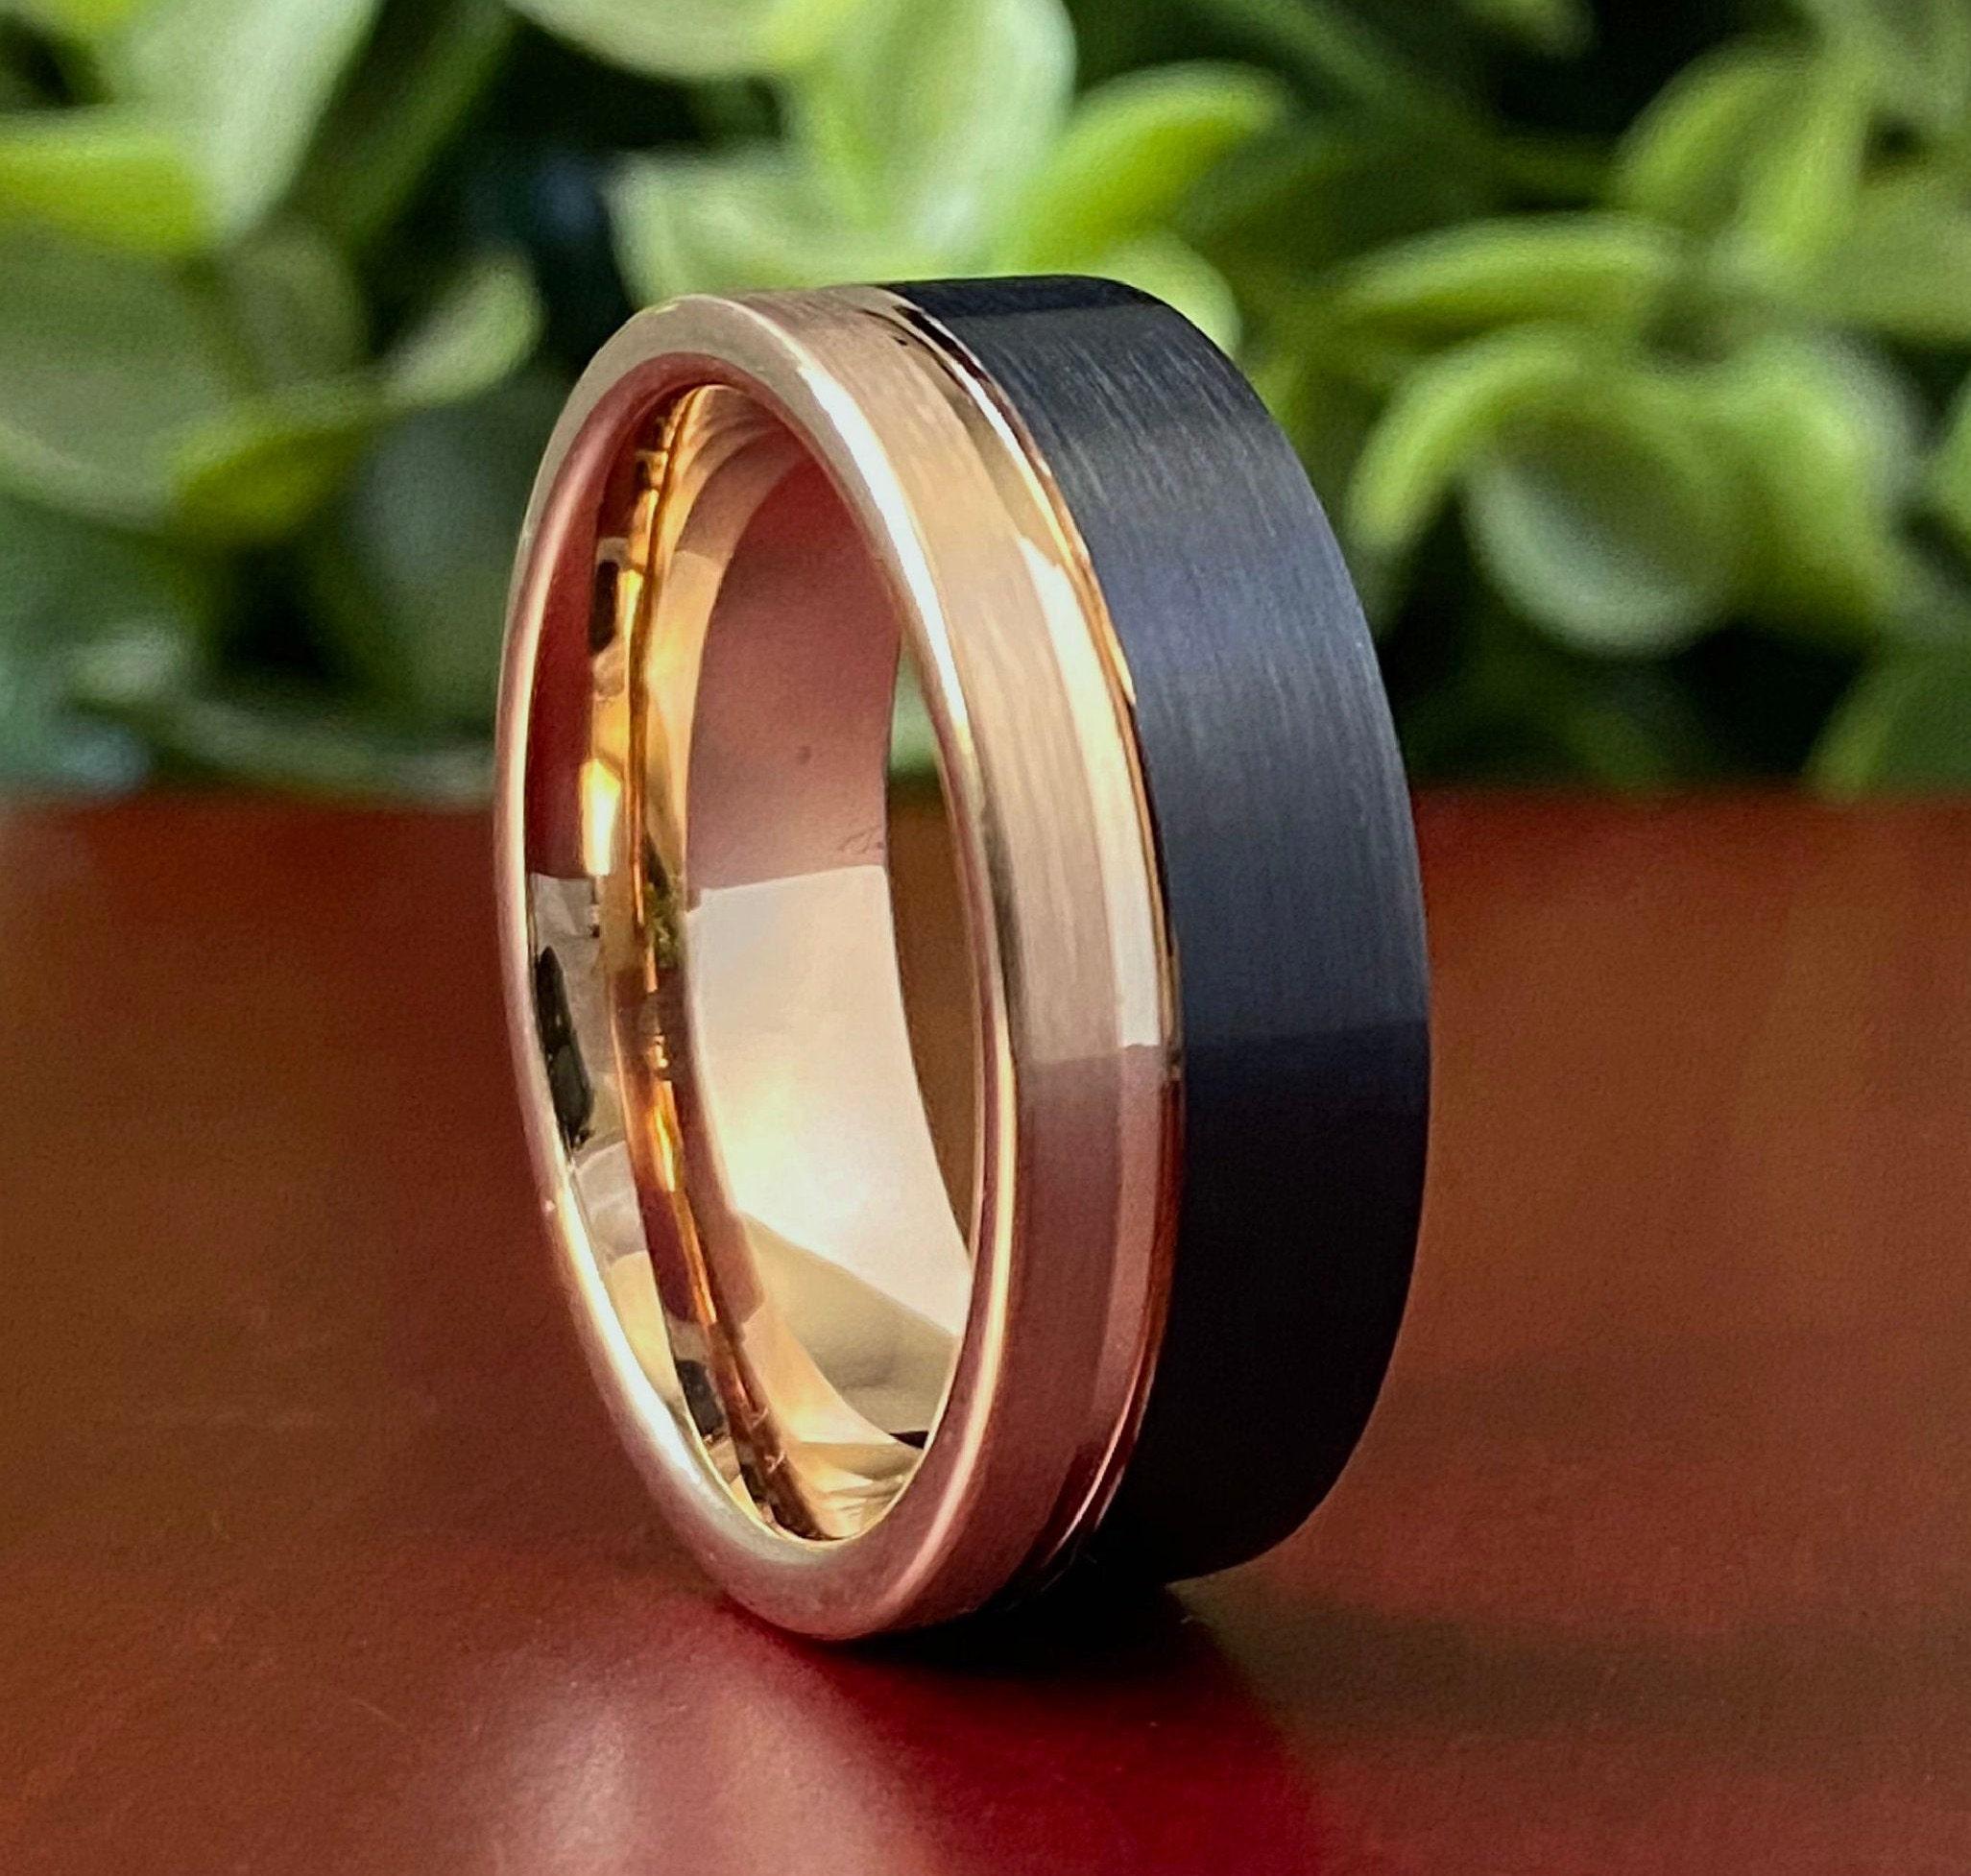 16G Stainless Steel Barbell Lip//Eyebrow//Noese//Nipple Piercing Rings Earrings 4mm Ball 6mm Length